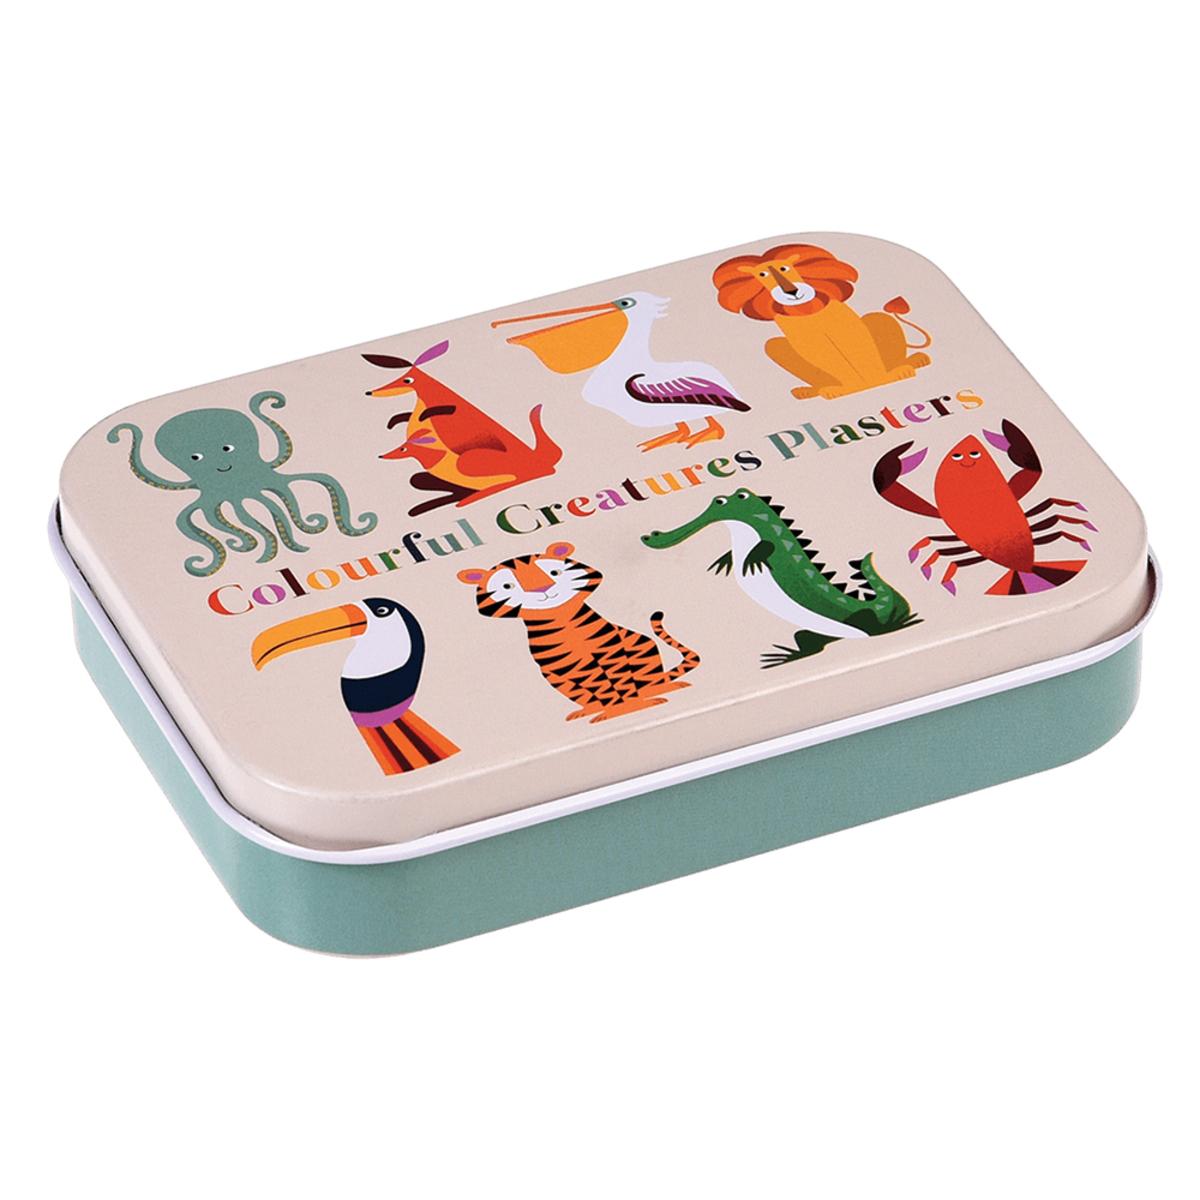 Soins enfant Boîte de Pansements - Colourful Creatures Boîte de Pansements - Colourful Creatures